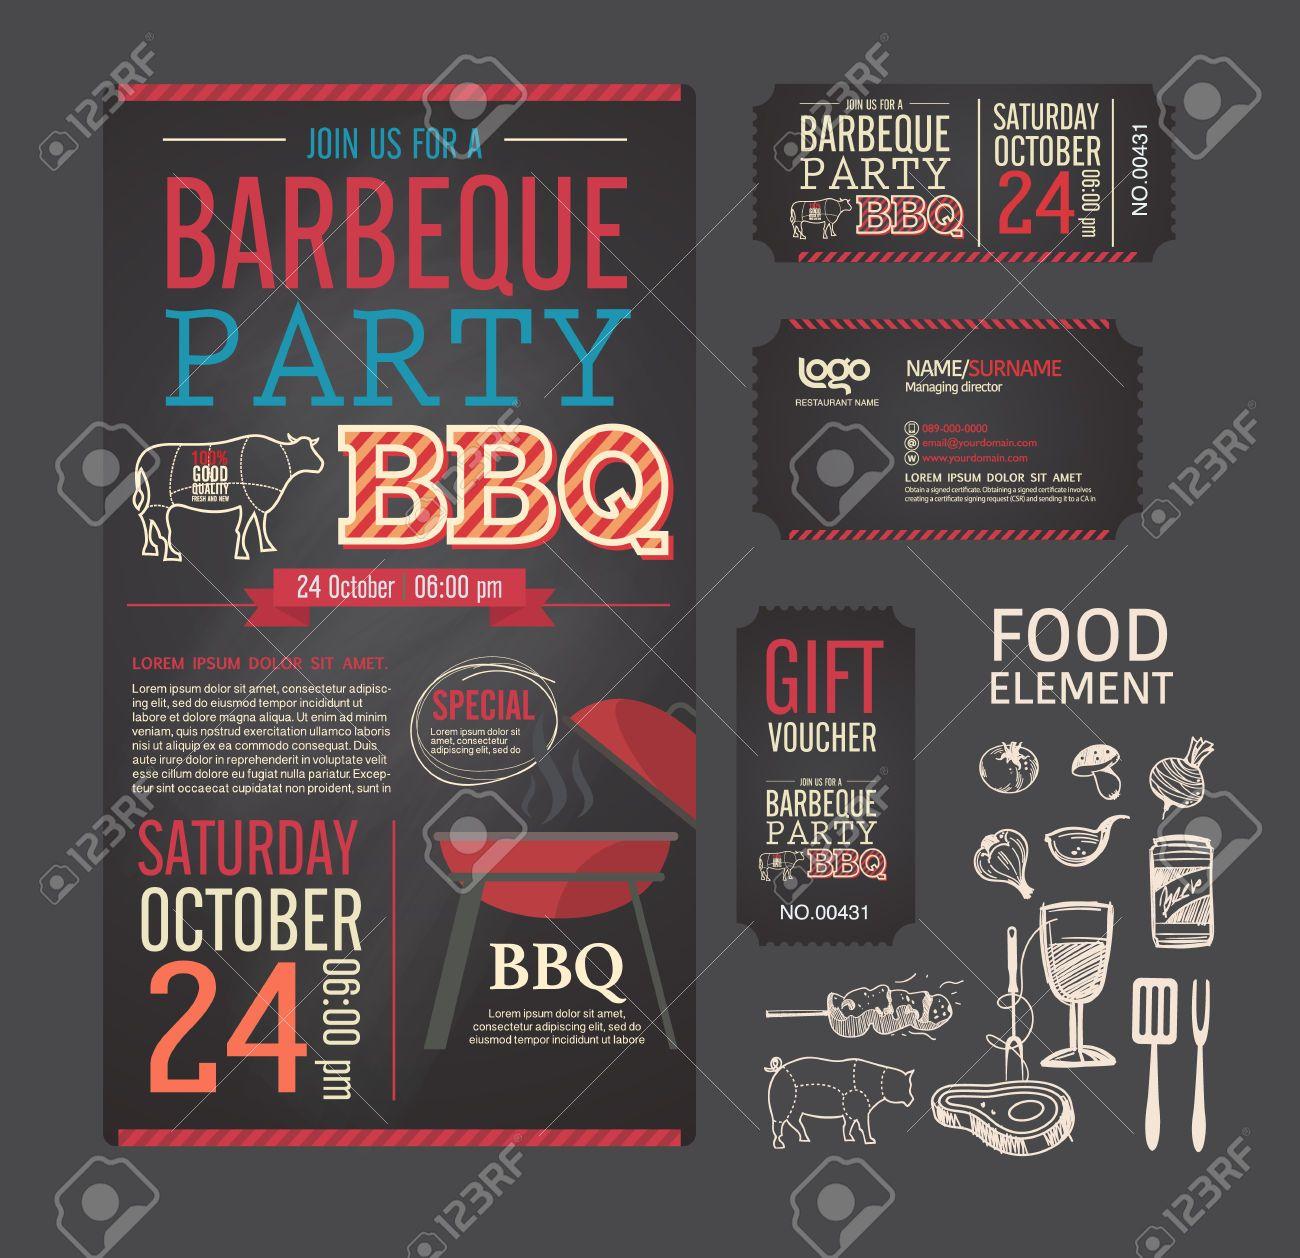 Food Tickets Template Amusing Bildergebnis Für Grillwettbewerb Plakat  Bbq  Pinterest  Chalkboards